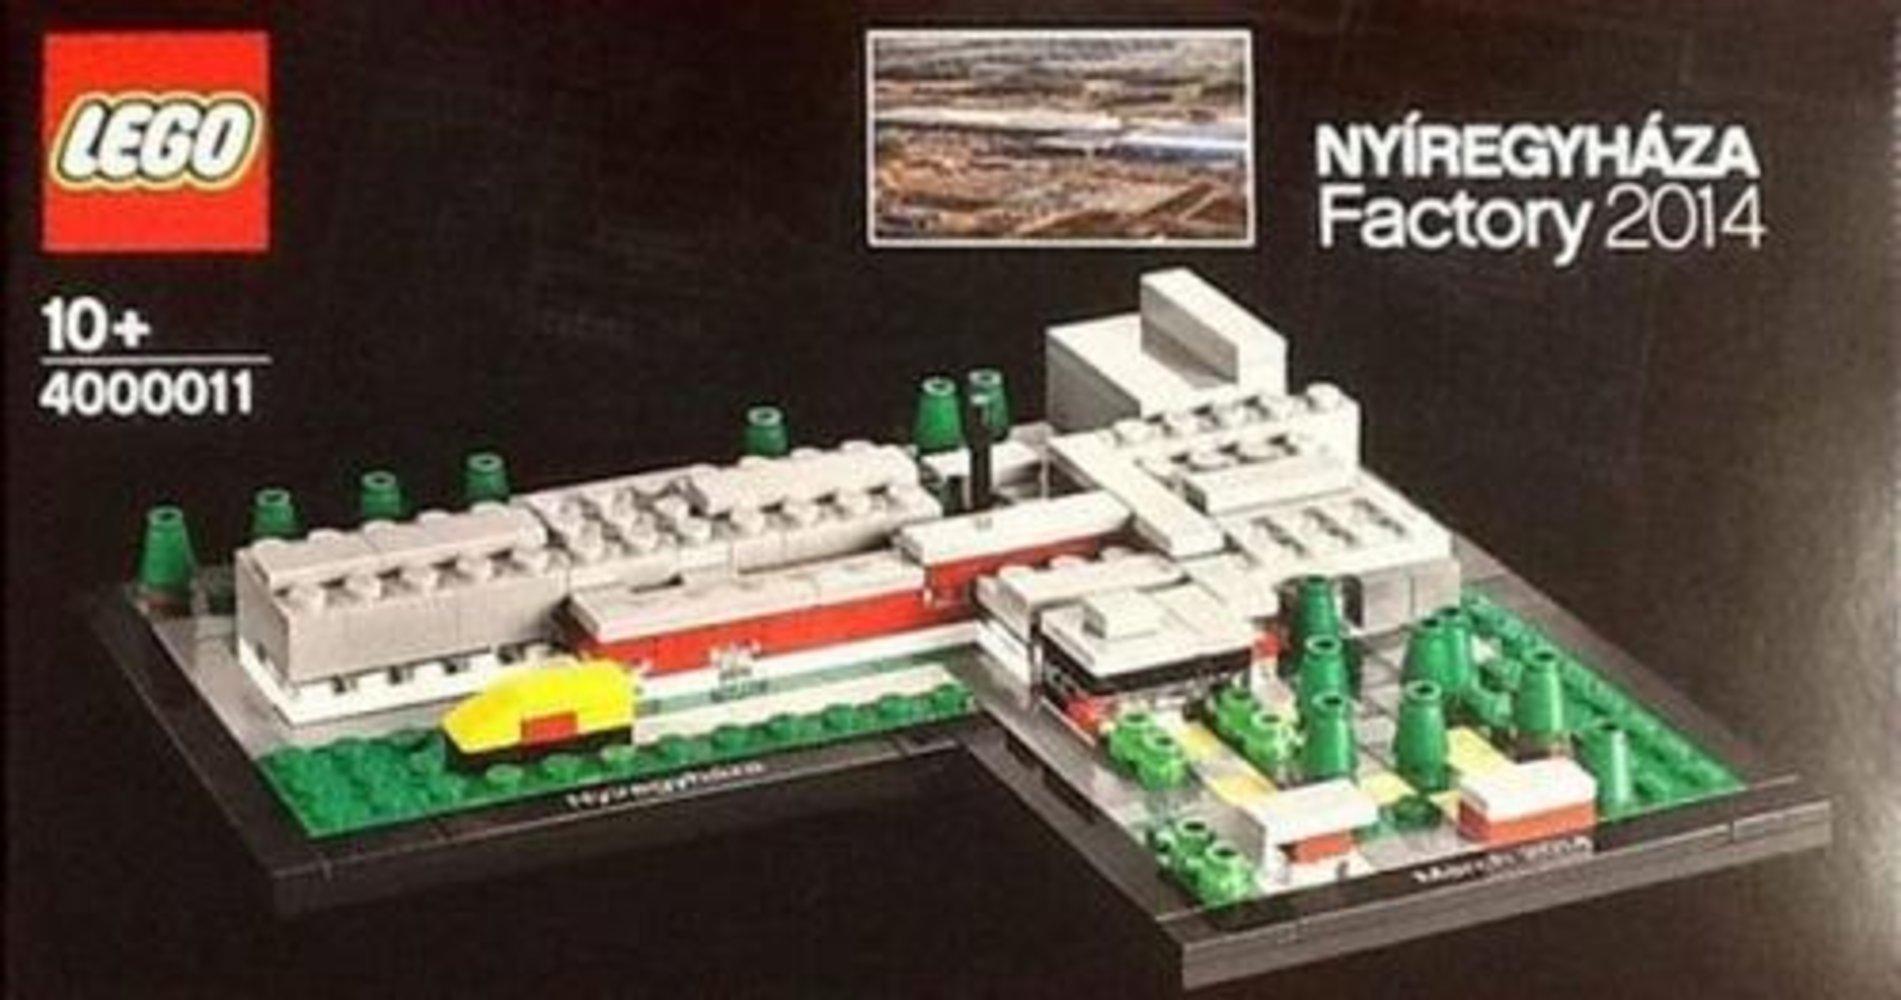 Nyíregyháza Factory